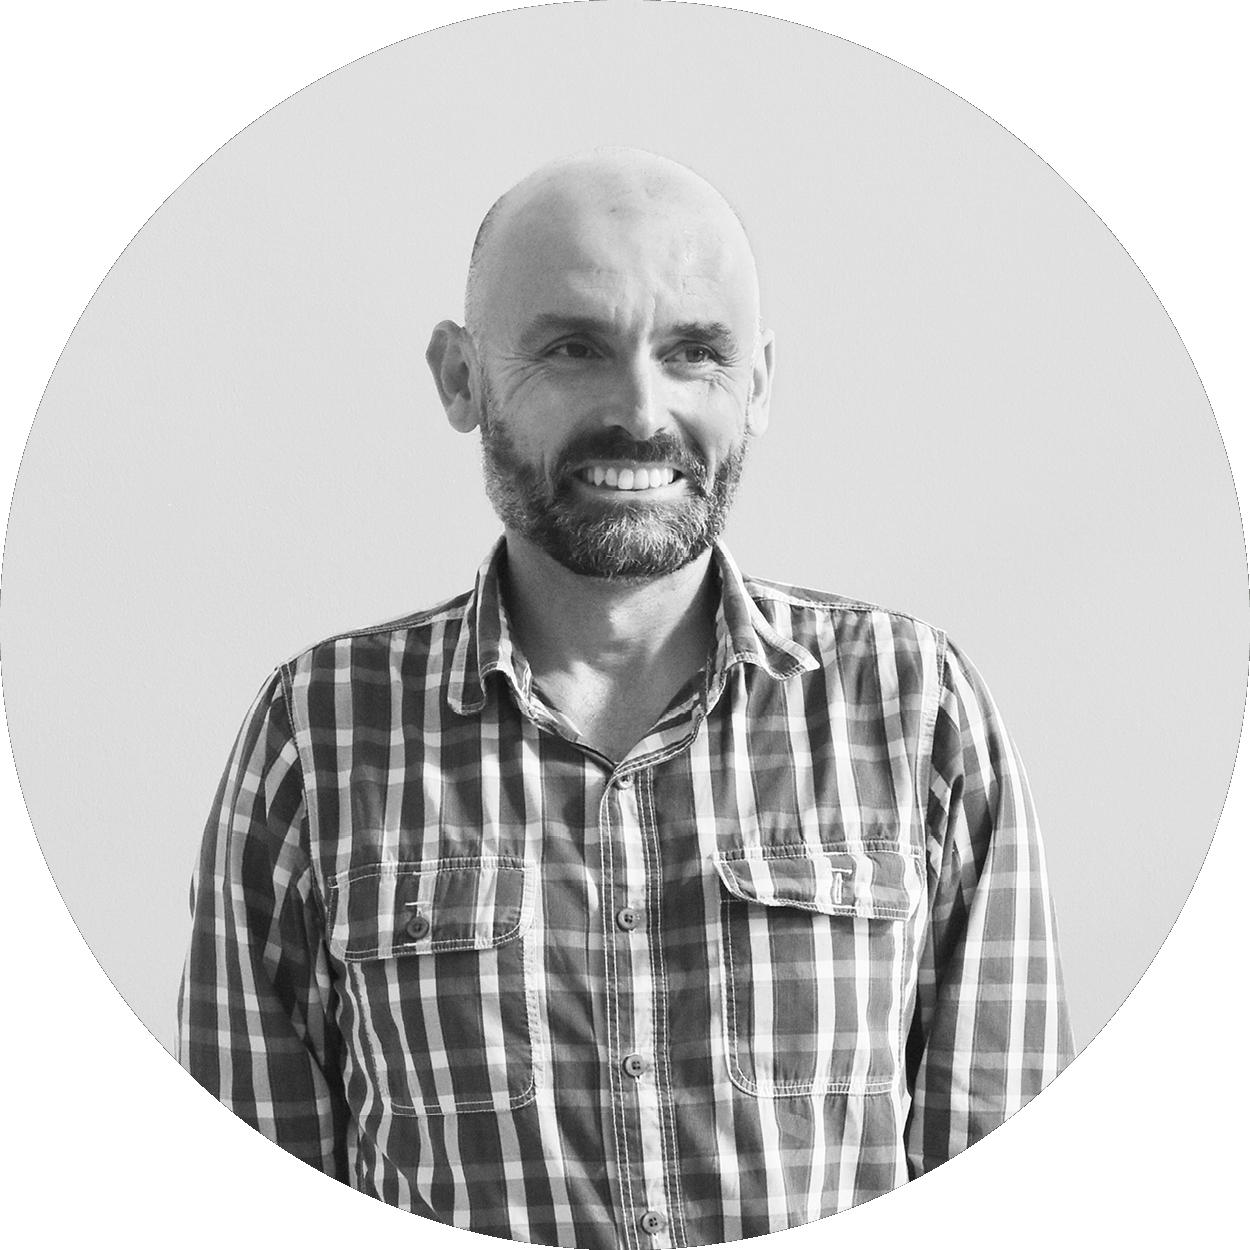 Tim Evans - Head of Industrial Design & Human Factors